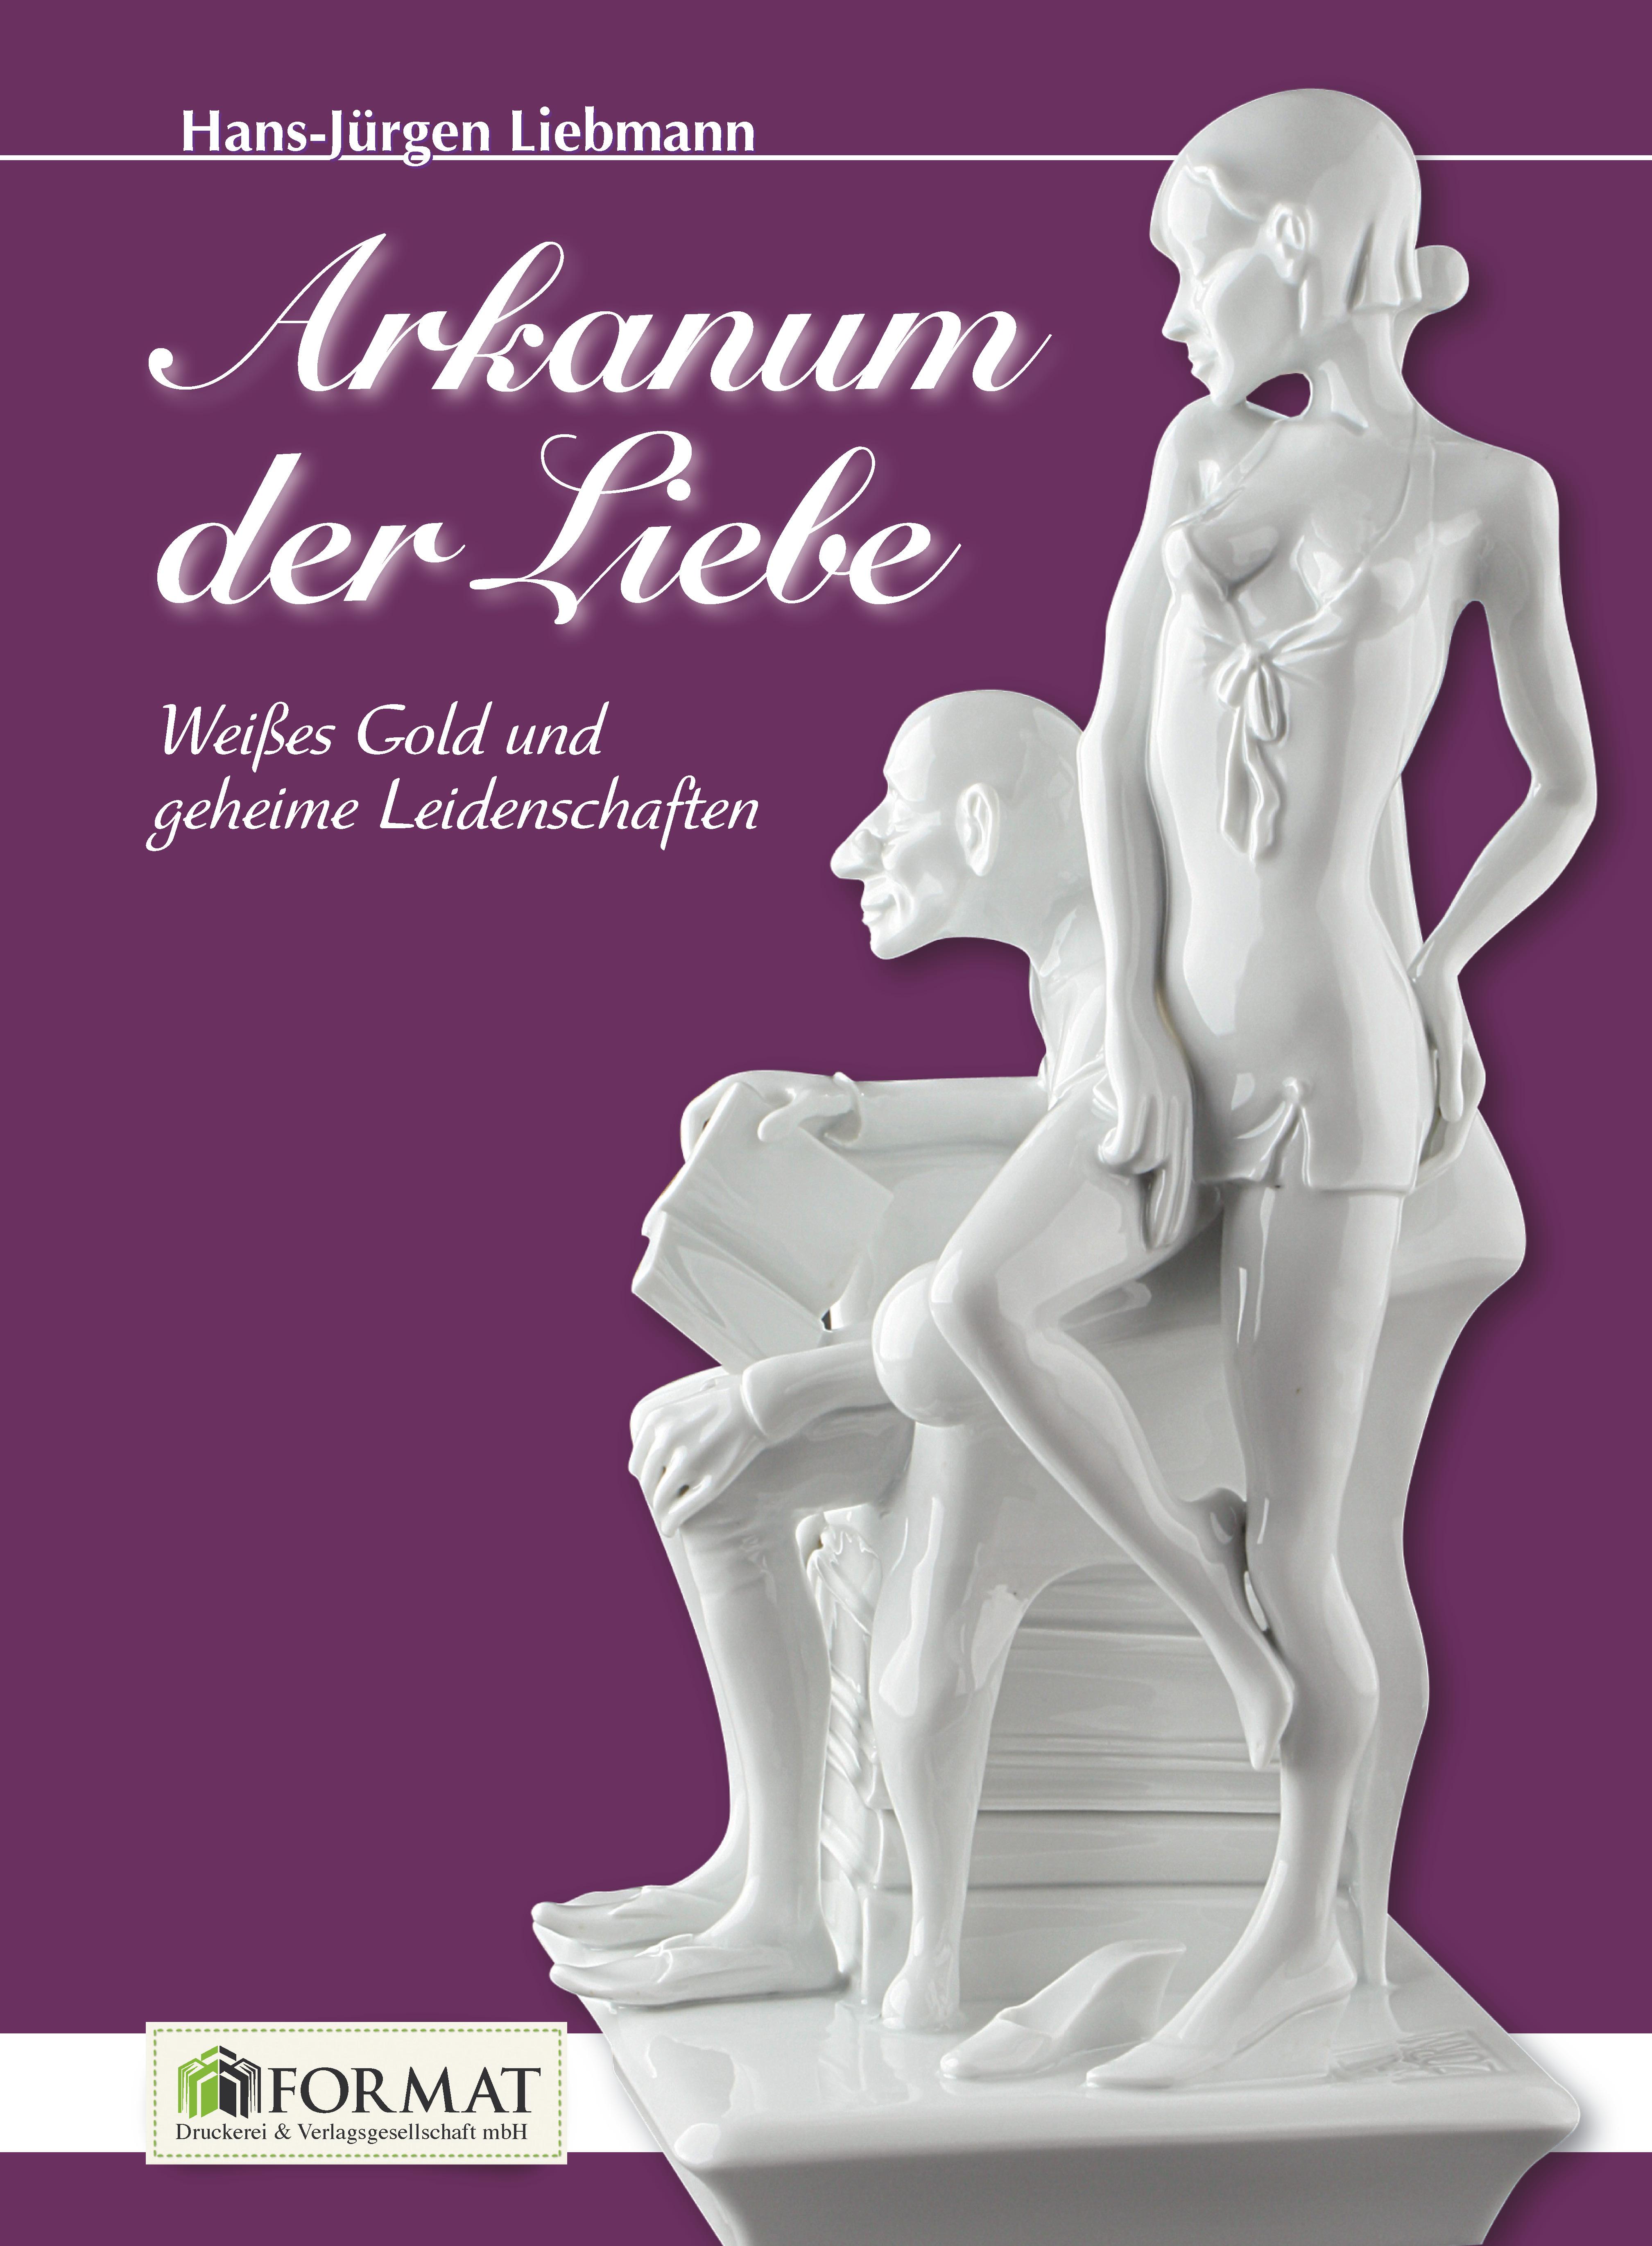 Arkanum-der-Liebe-Hans-Juergen-Liebmann-9783944829173